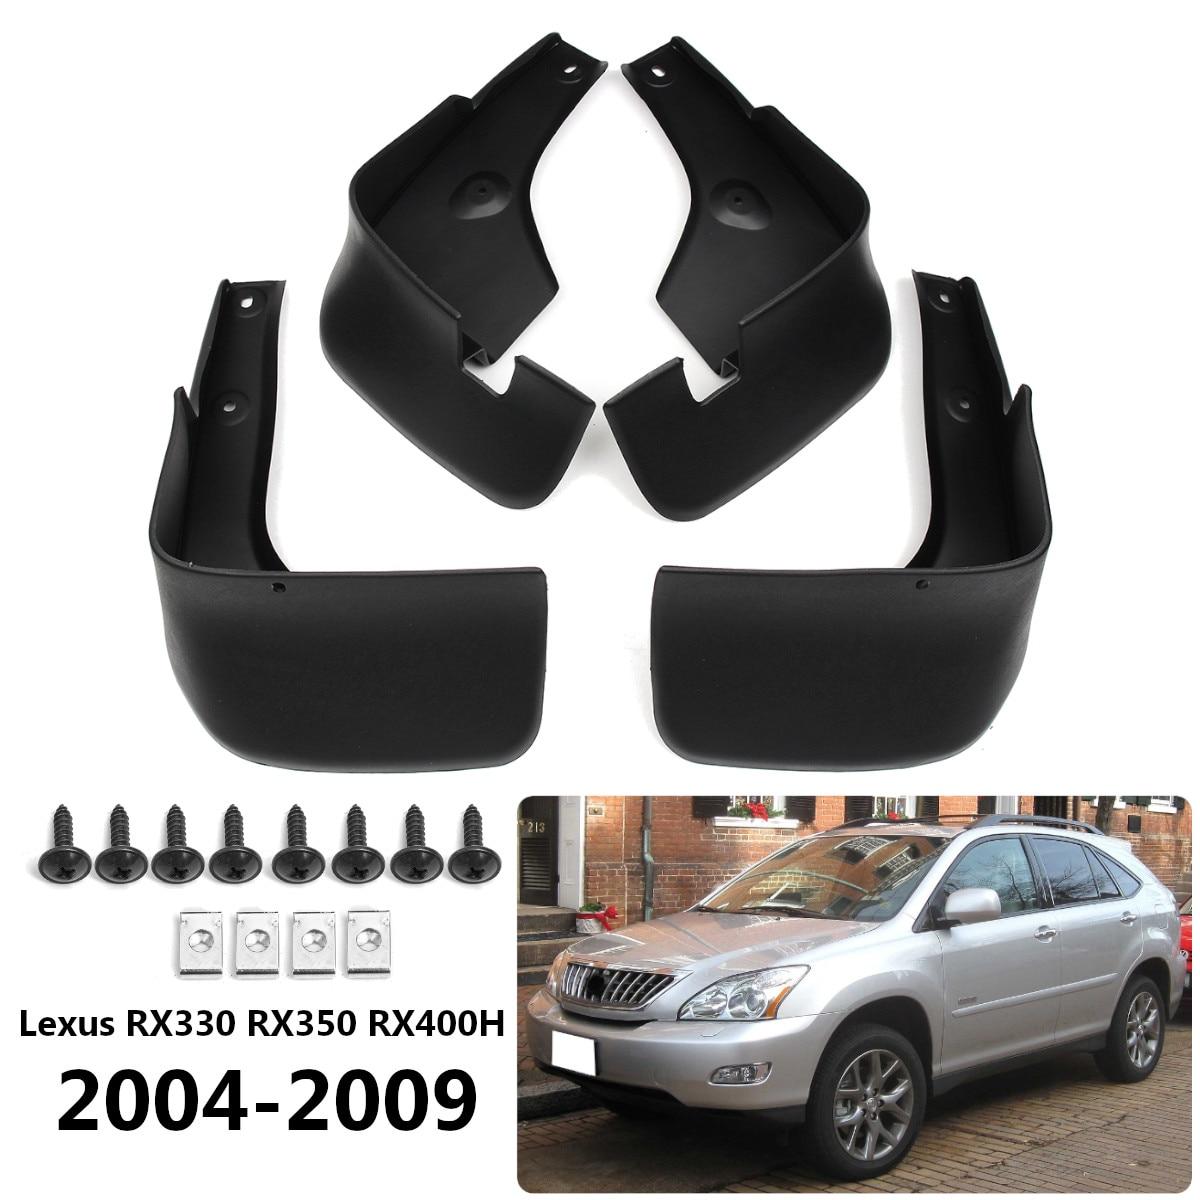 フロントリア車の泥フラップのためのレクサス RX330 RX350 RX400H 2004-2009 Mudflaps マッドガードフェンダーアクセサリー